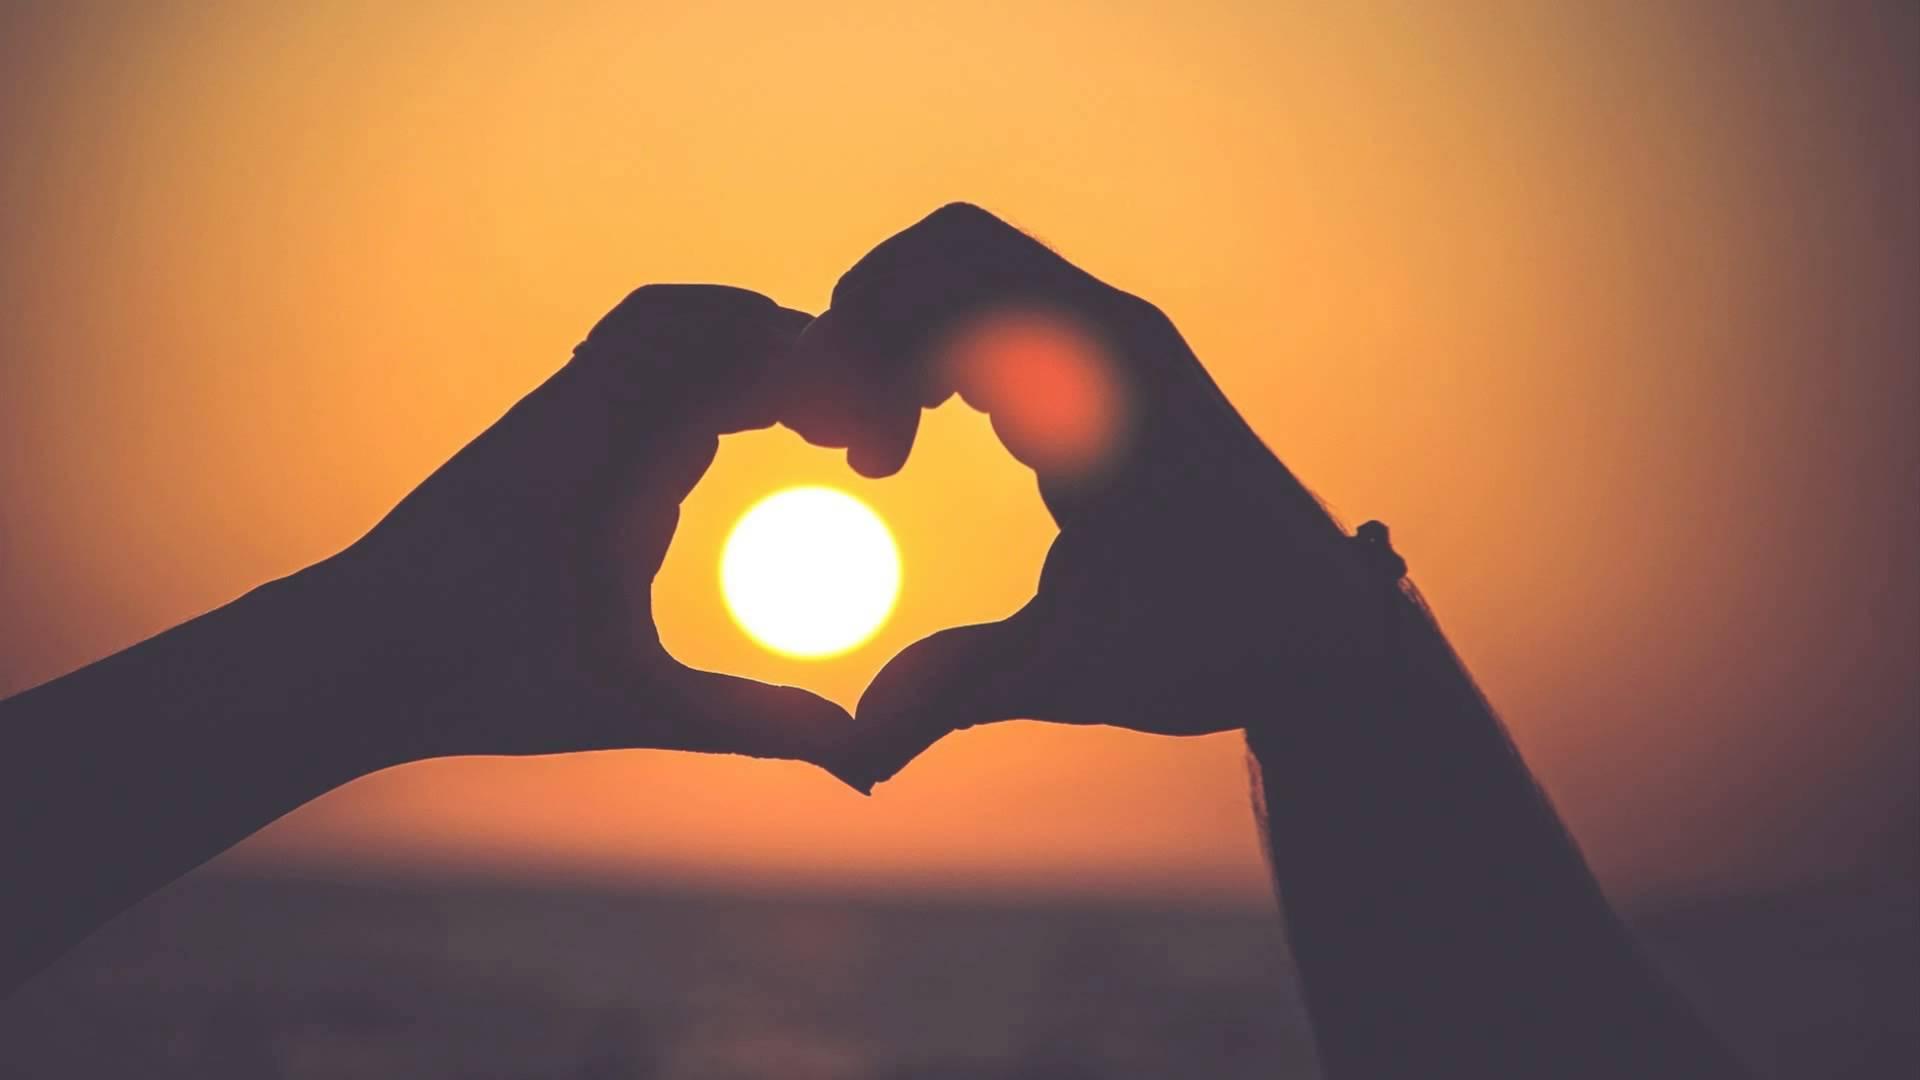 بالصور صور جميلة عن الحب , اروع صور تدل على العشق 6366 9